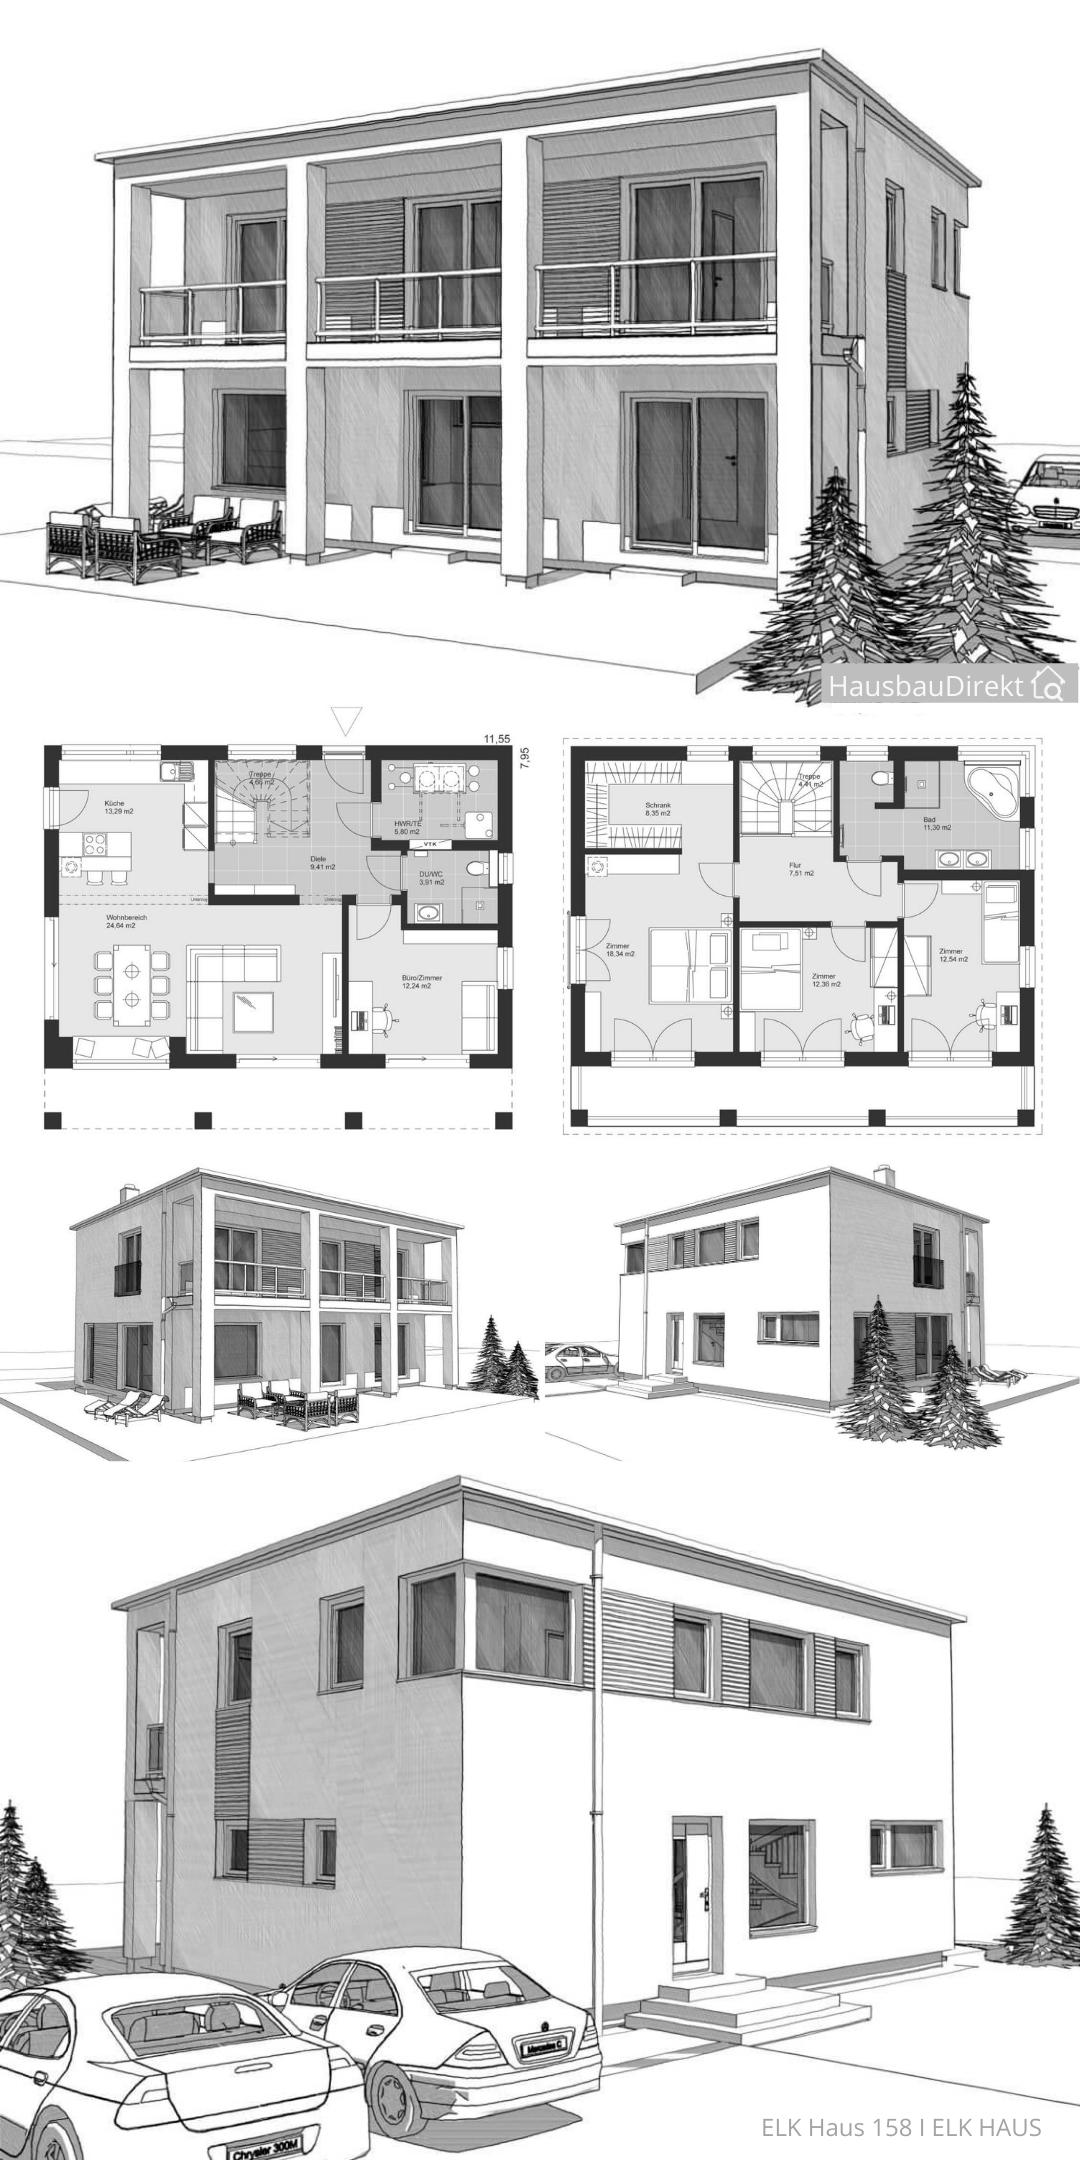 Grosses Einfamilienhaus modern mit Flachdach & offenem ...